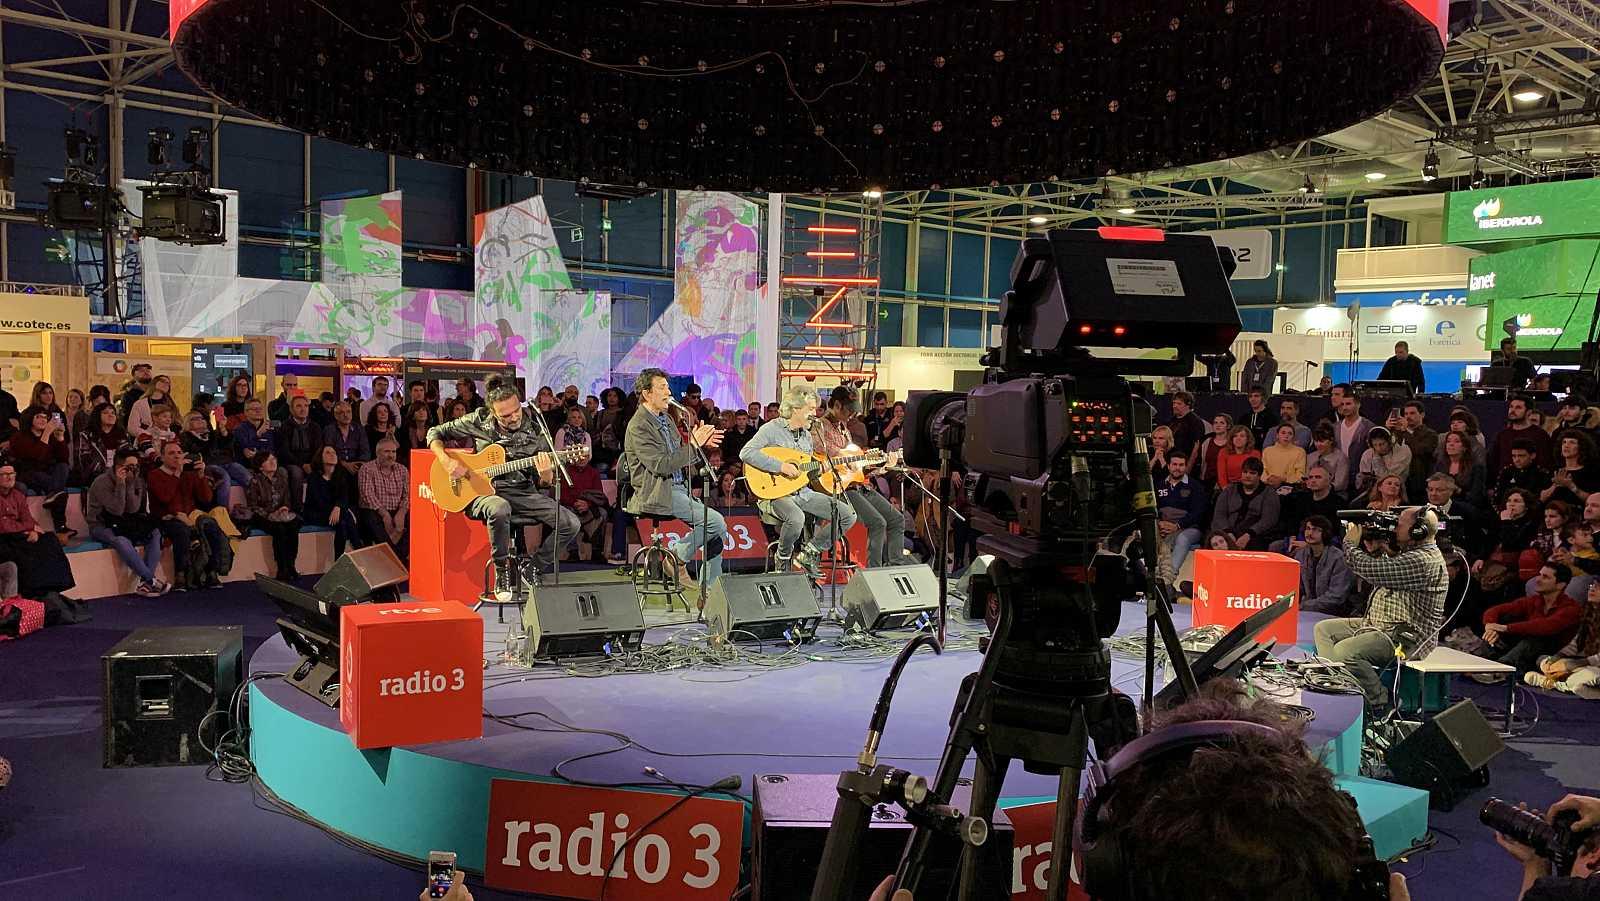 Radio 3 suena por el planeta - VÍDEO: Manolo García - 07/12/19